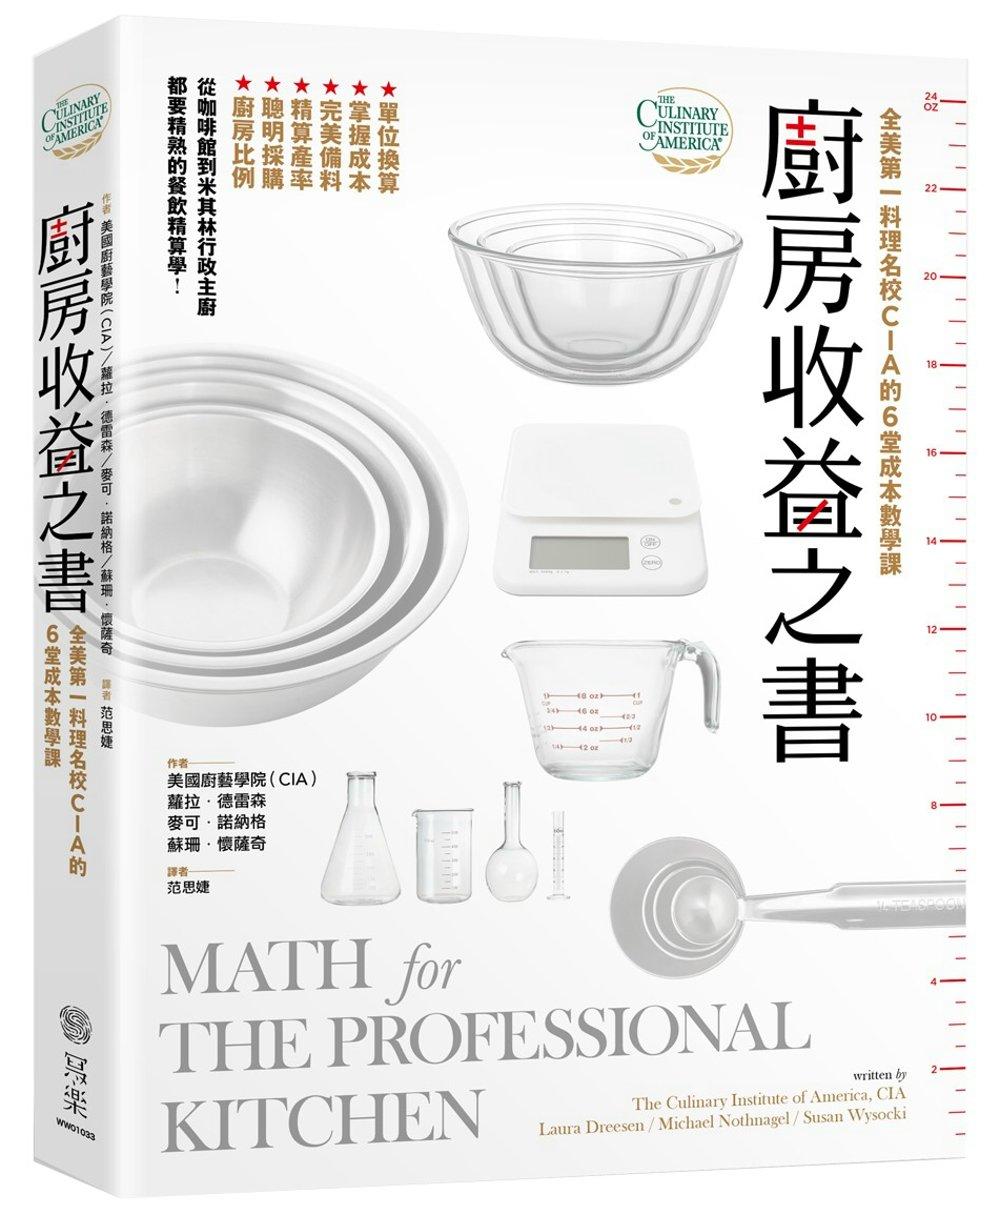 廚房收益之書:全美第一料理名校C.I.A.的6堂成本數學課,從咖啡館到米其林行政主廚都要精熟的餐飲精算學